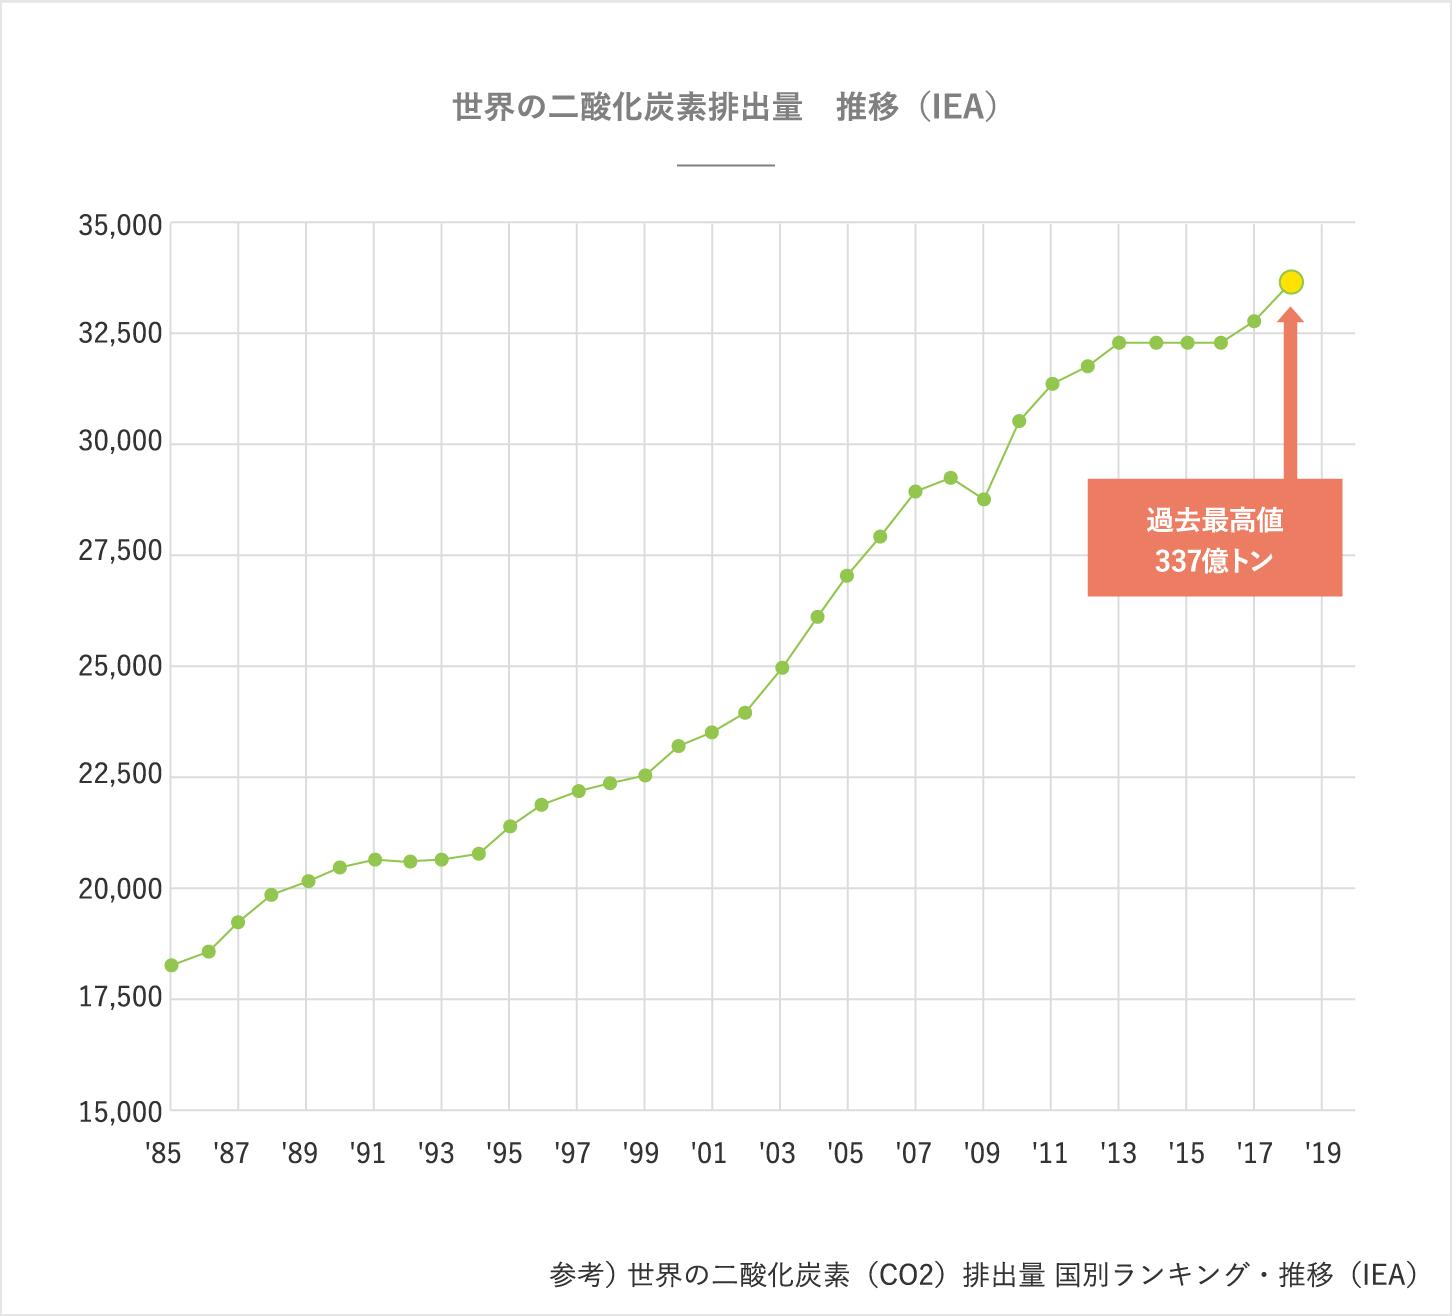 世界の二酸化炭素排出量 推移(IEA)